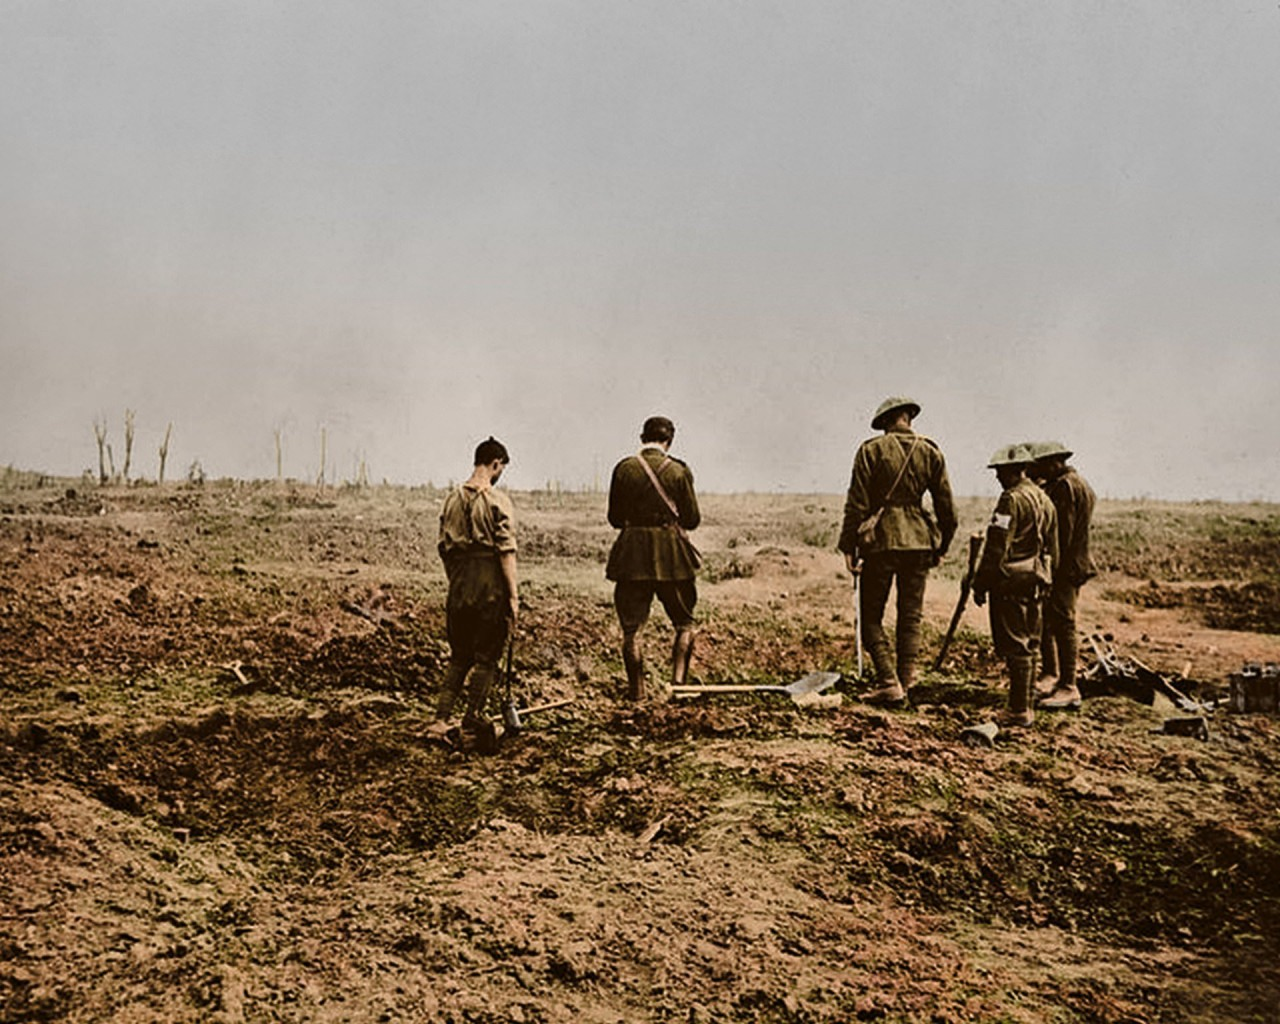 Военный капеллан проводит погребальную службу. Битва за Гиймон (район реки Соммы), 4 сентября 1916 г. архивное фото, колоризация, колоризация фотографий, колоризированные снимки, первая мировая, первая мировая война, фото войны